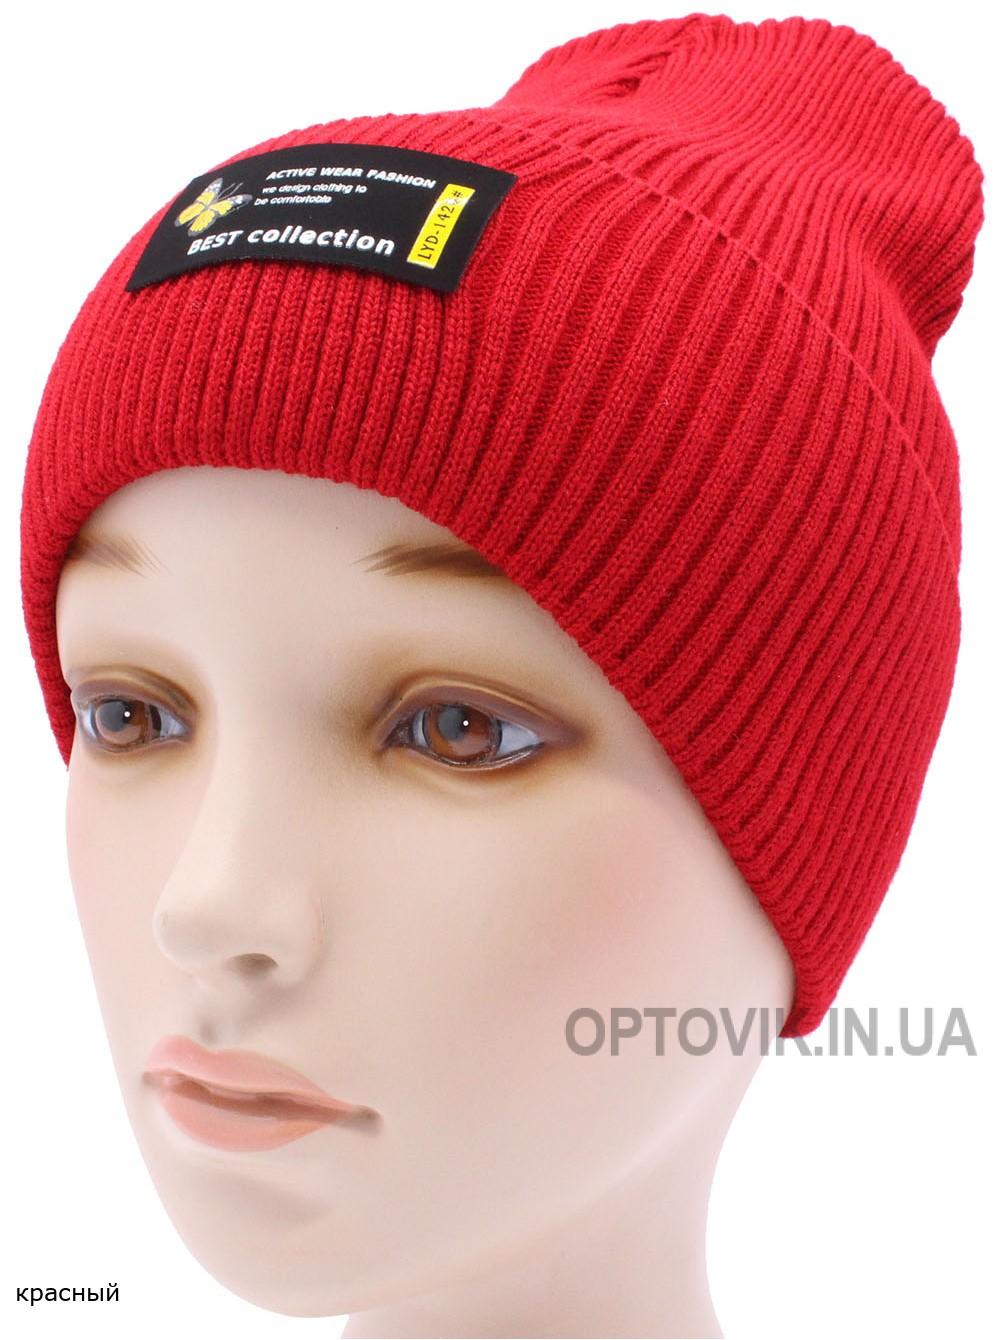 Детская вязаная шапка №040185-54-56